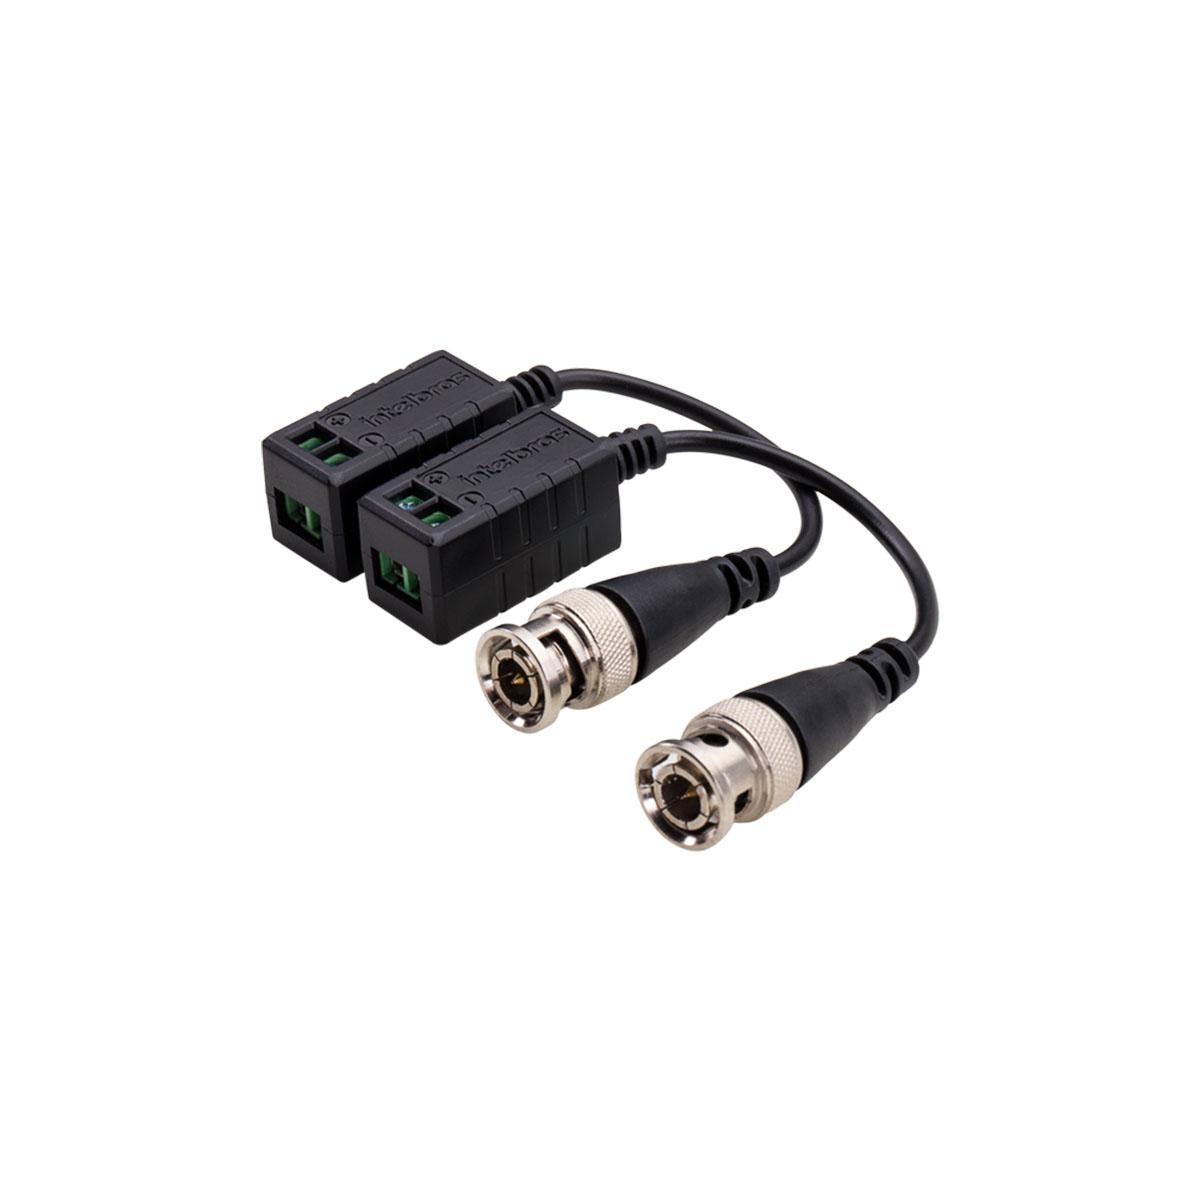 Kit 03 Conversor Balun Intelbras Vb 501p